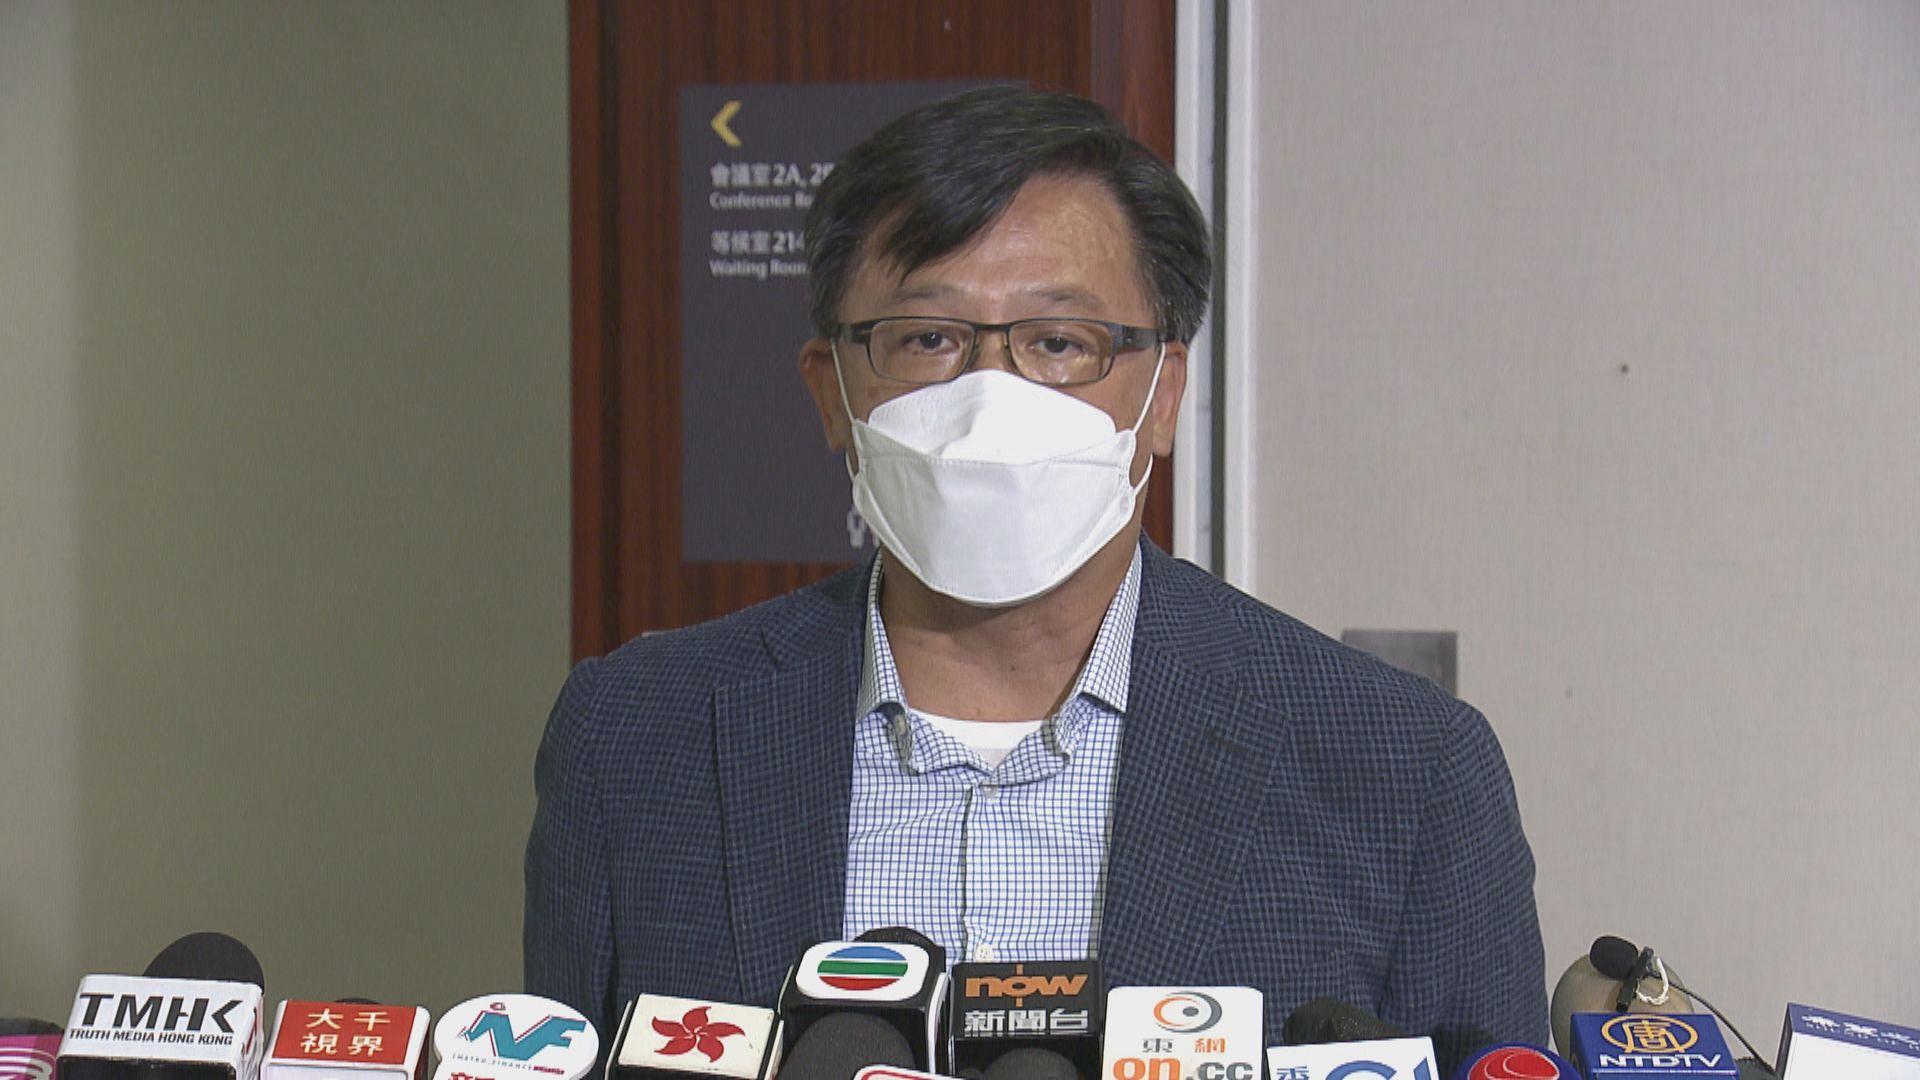 何君堯:拘捕非打壓新聞自由 倡傳媒防法律陷阱